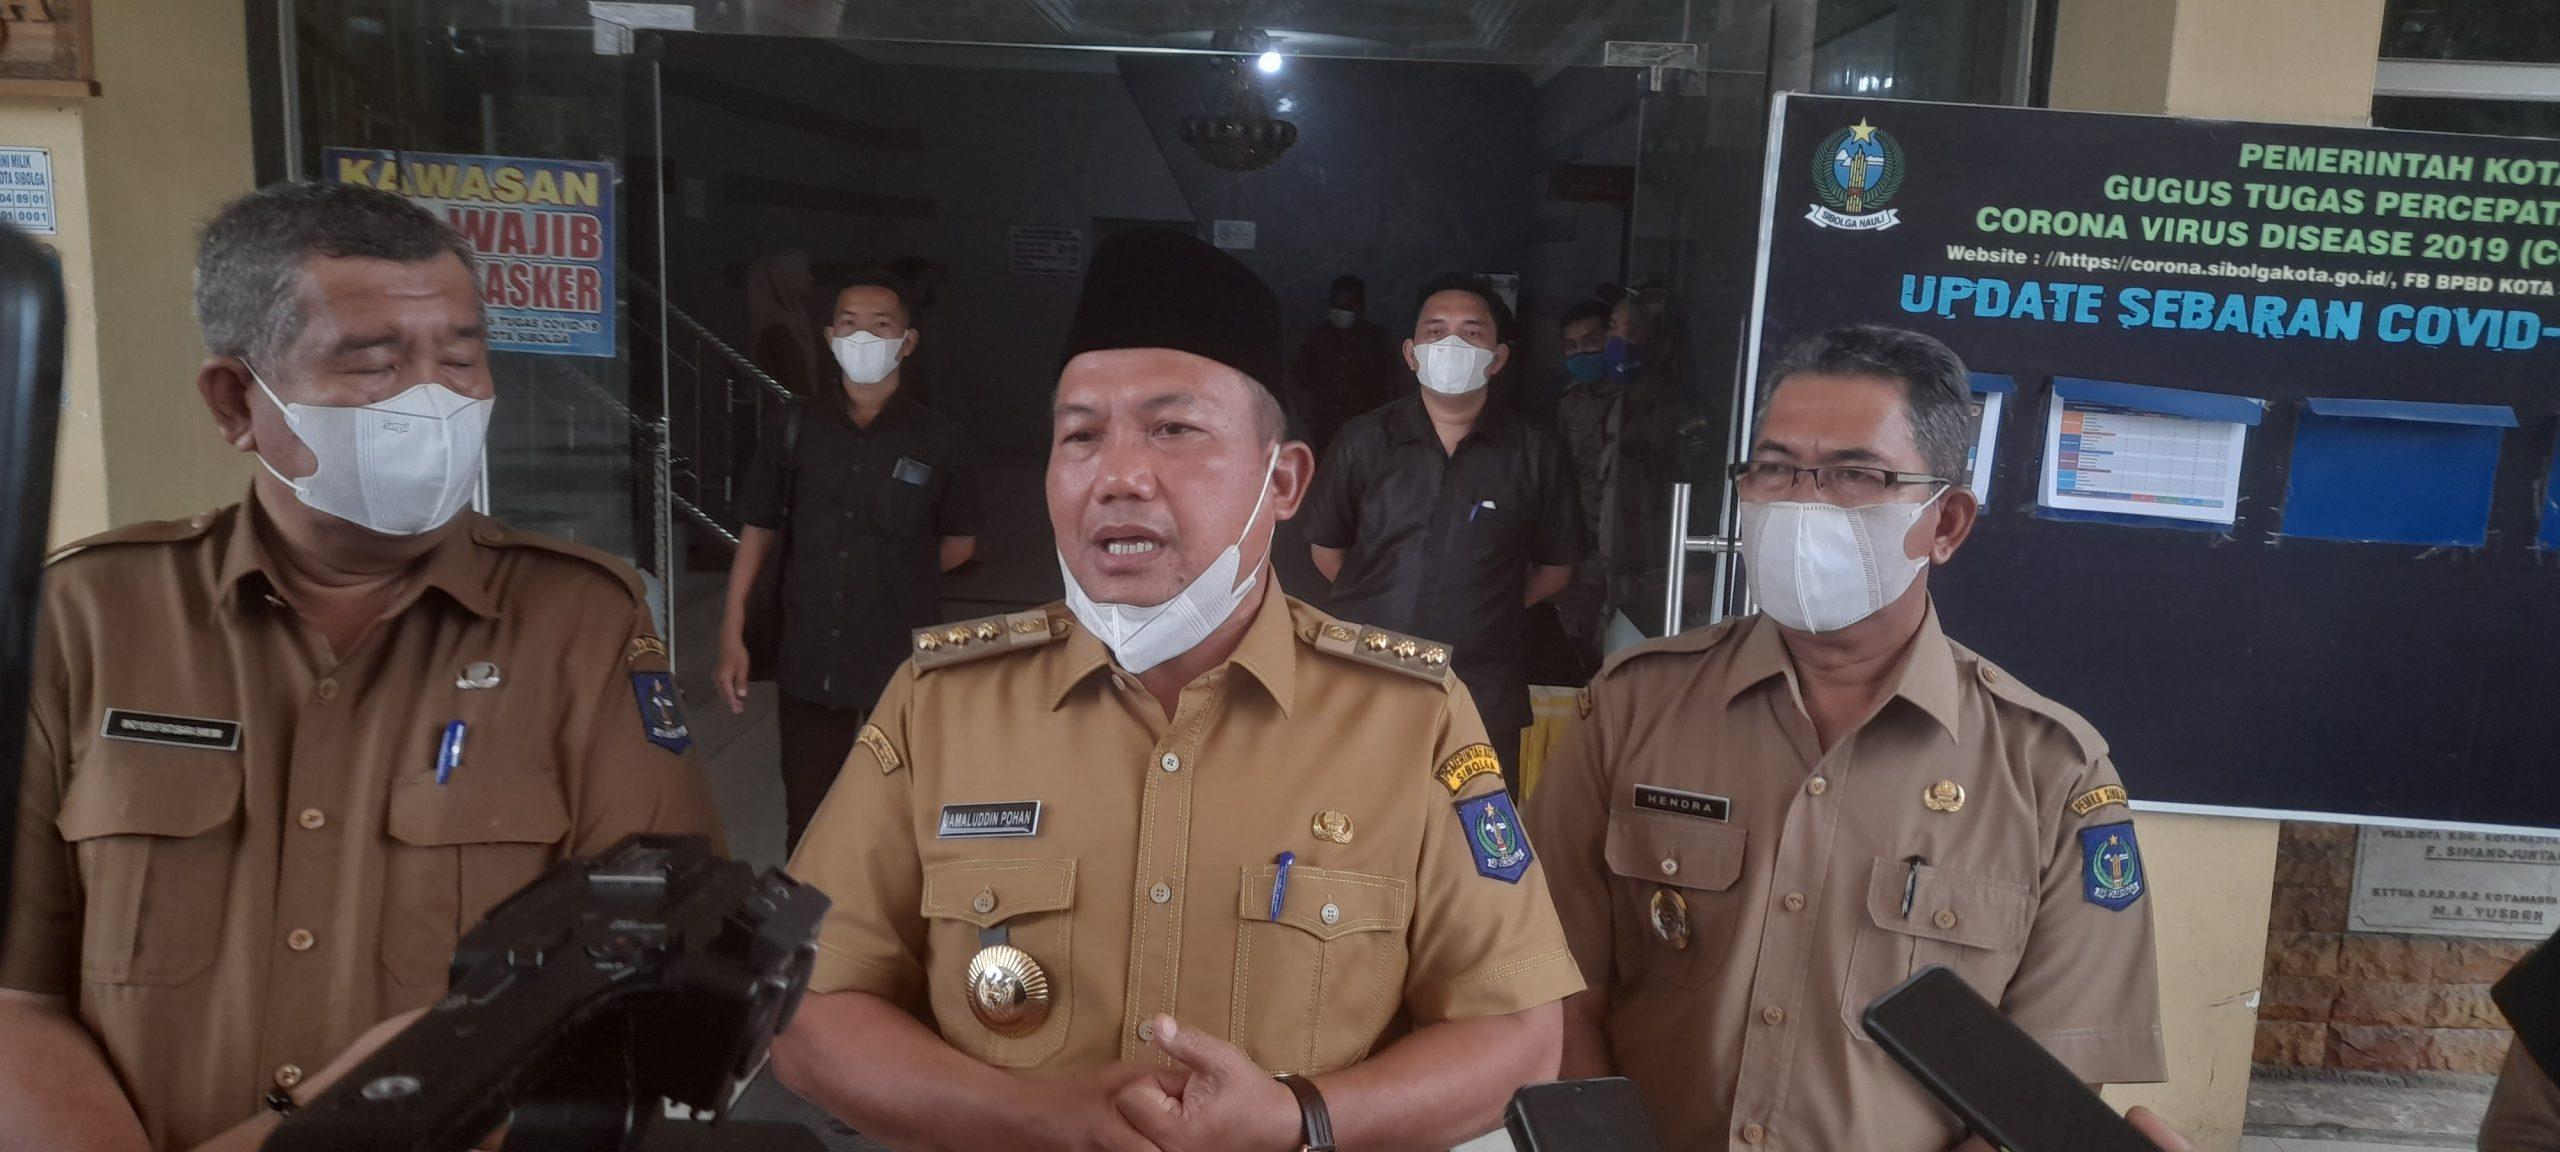 Wali Kota Sibolga, Jamaluddin Pohan saat diwawancarai wartawan. Foto: Rommy/ Rakyatsumut.com